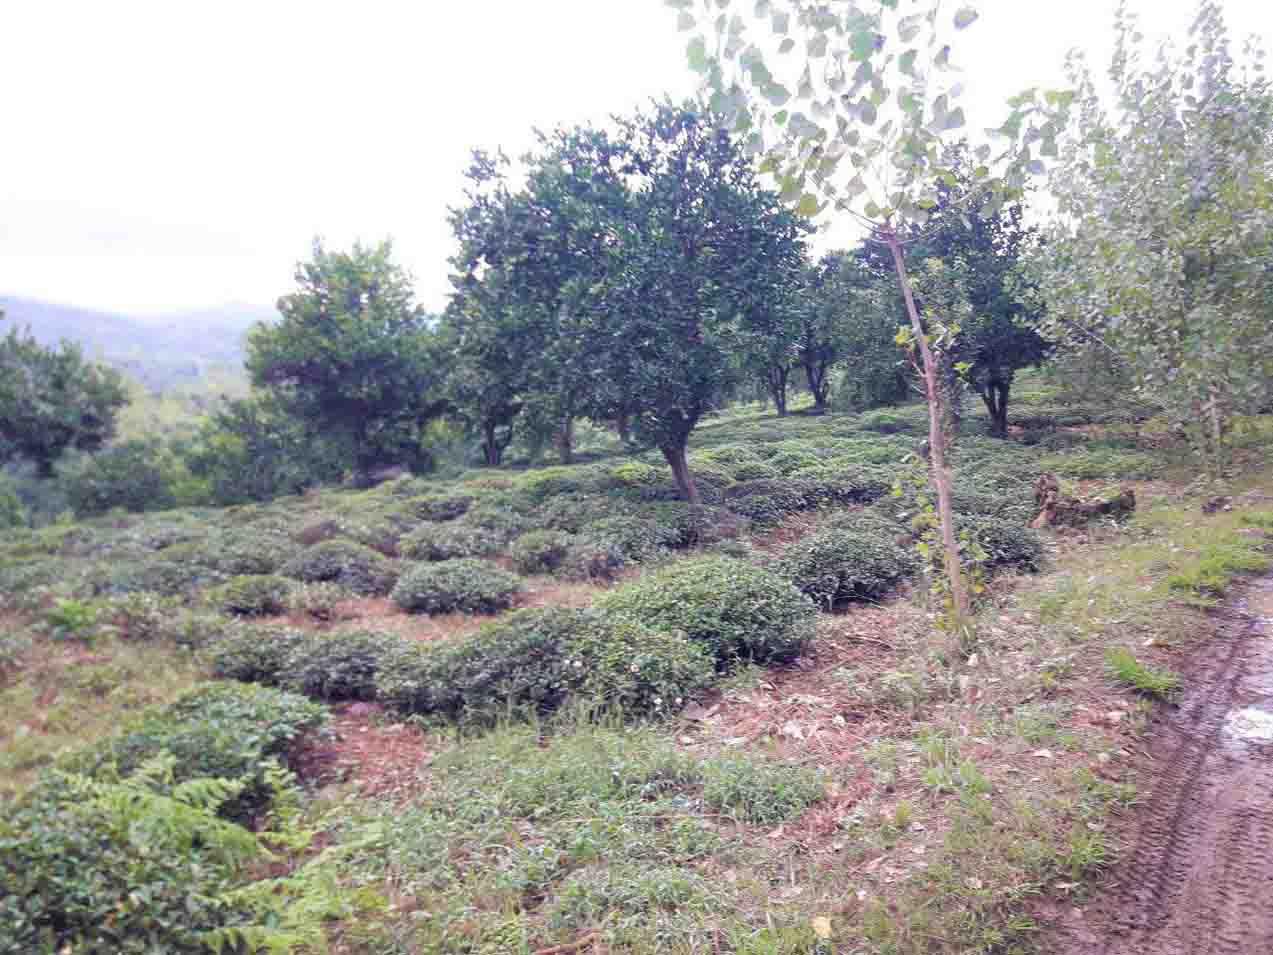 فروش باغ چای 6 هکتاری در اطاقور